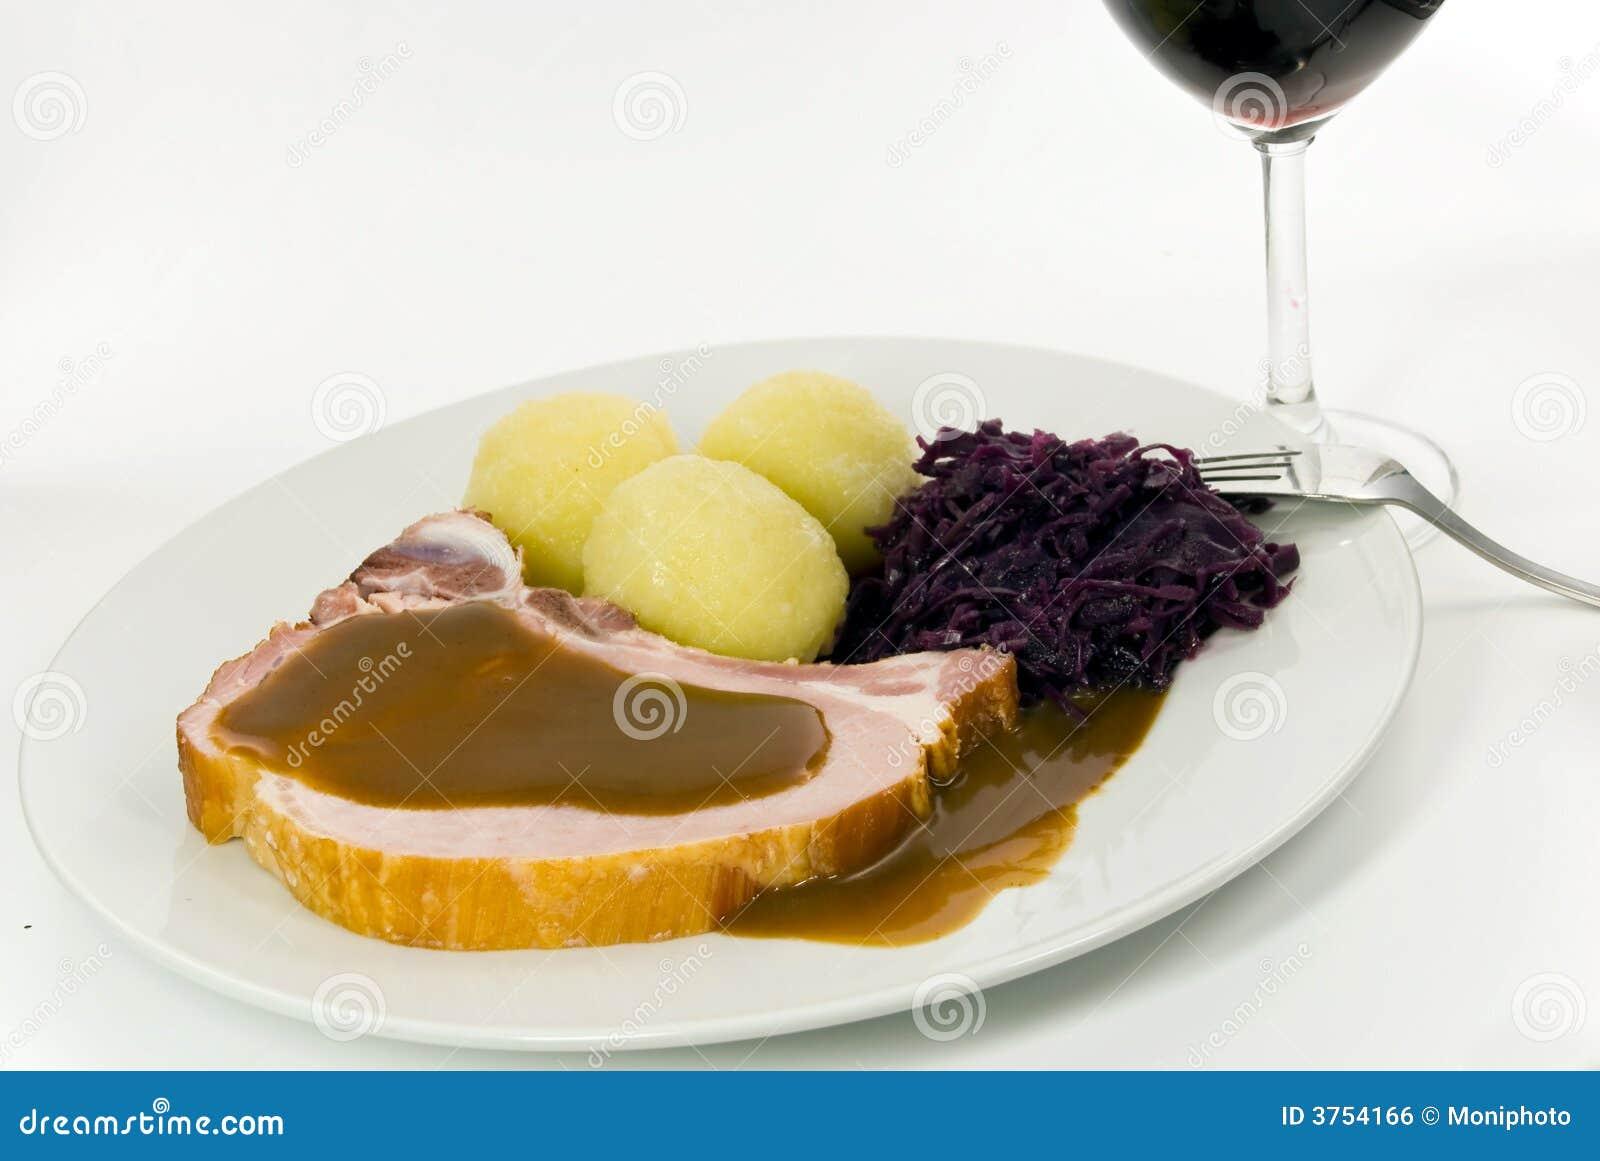 Bolinho de massa com costeleta de carne de porco e repolho vermelho